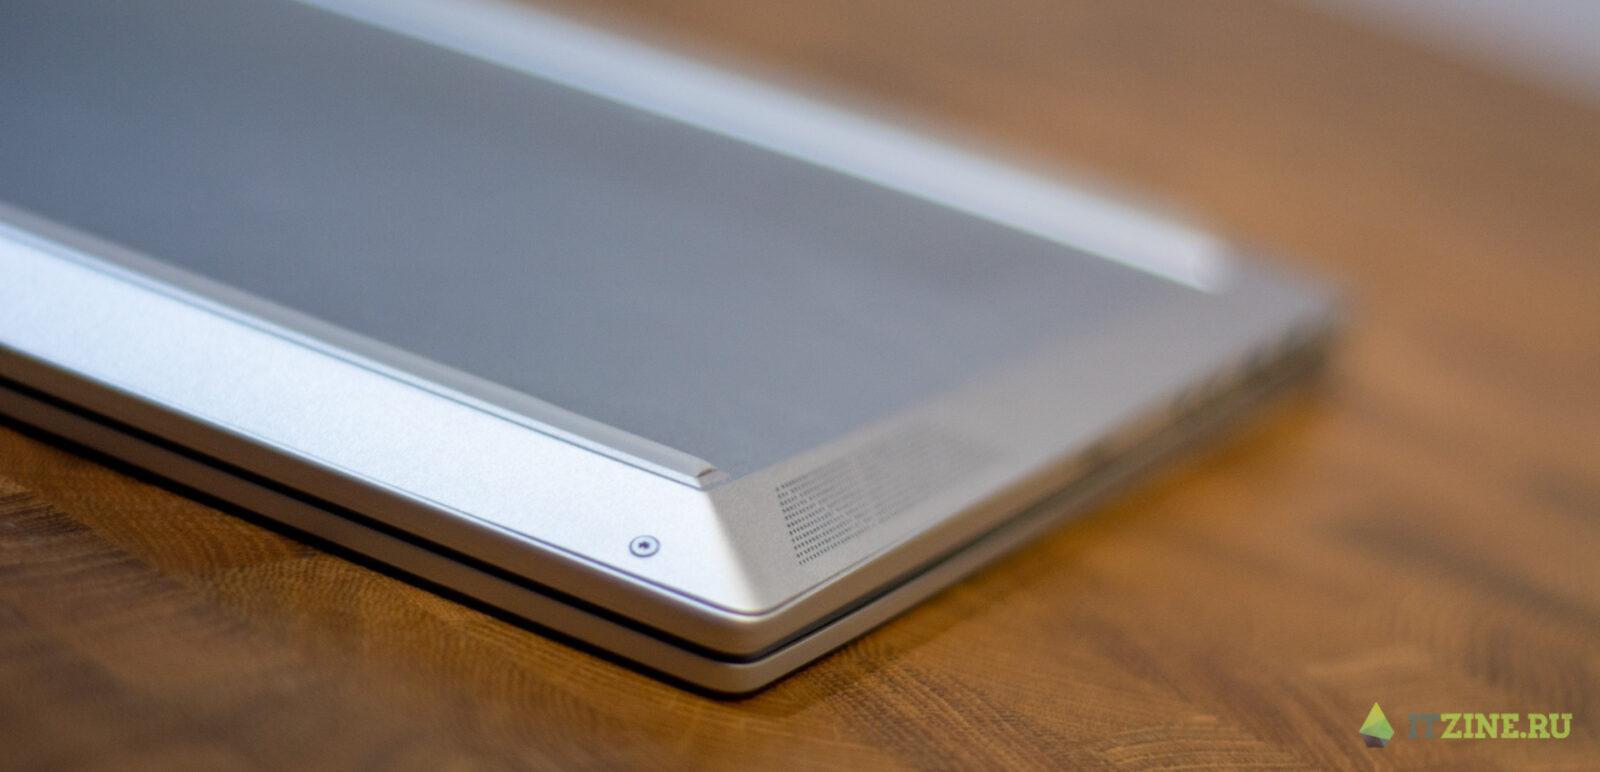 Обзор ноутбука HP Envy 15: мощь для создателей графического контента (hp envy 14)